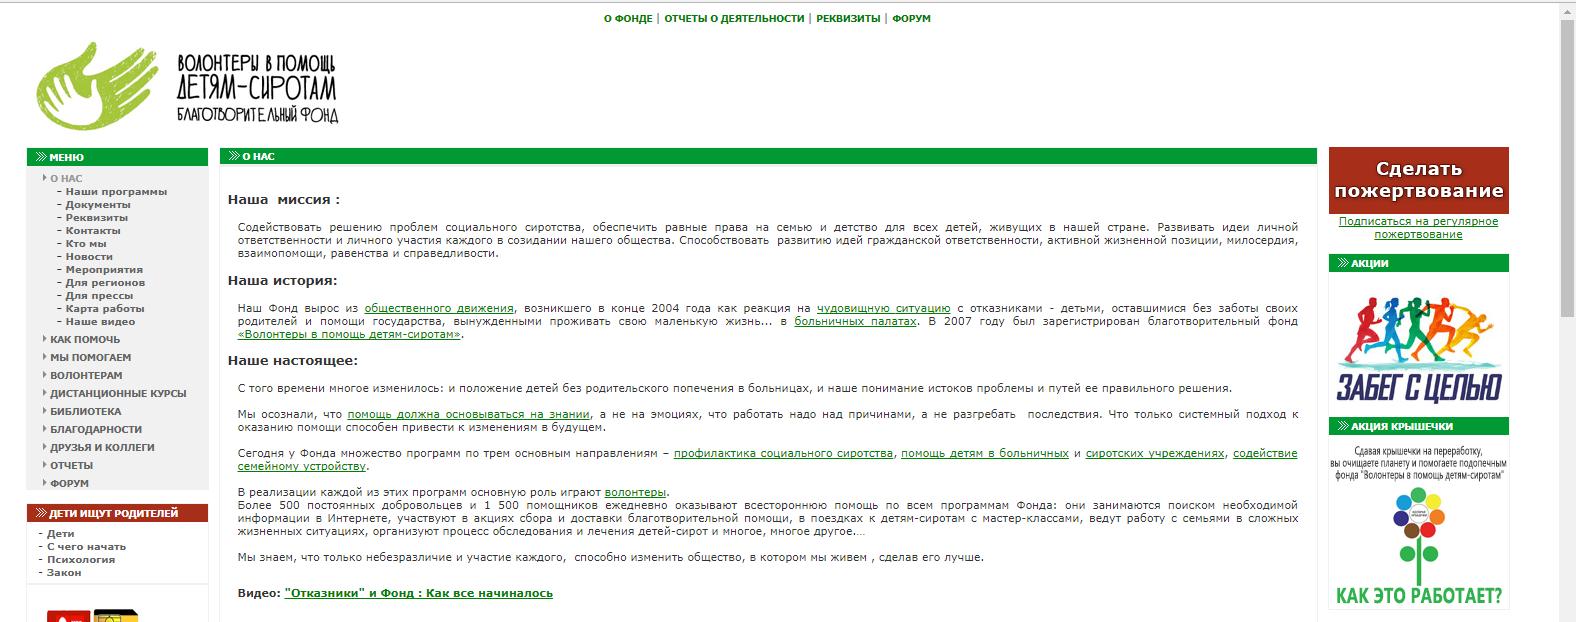 официальный сайт фонда